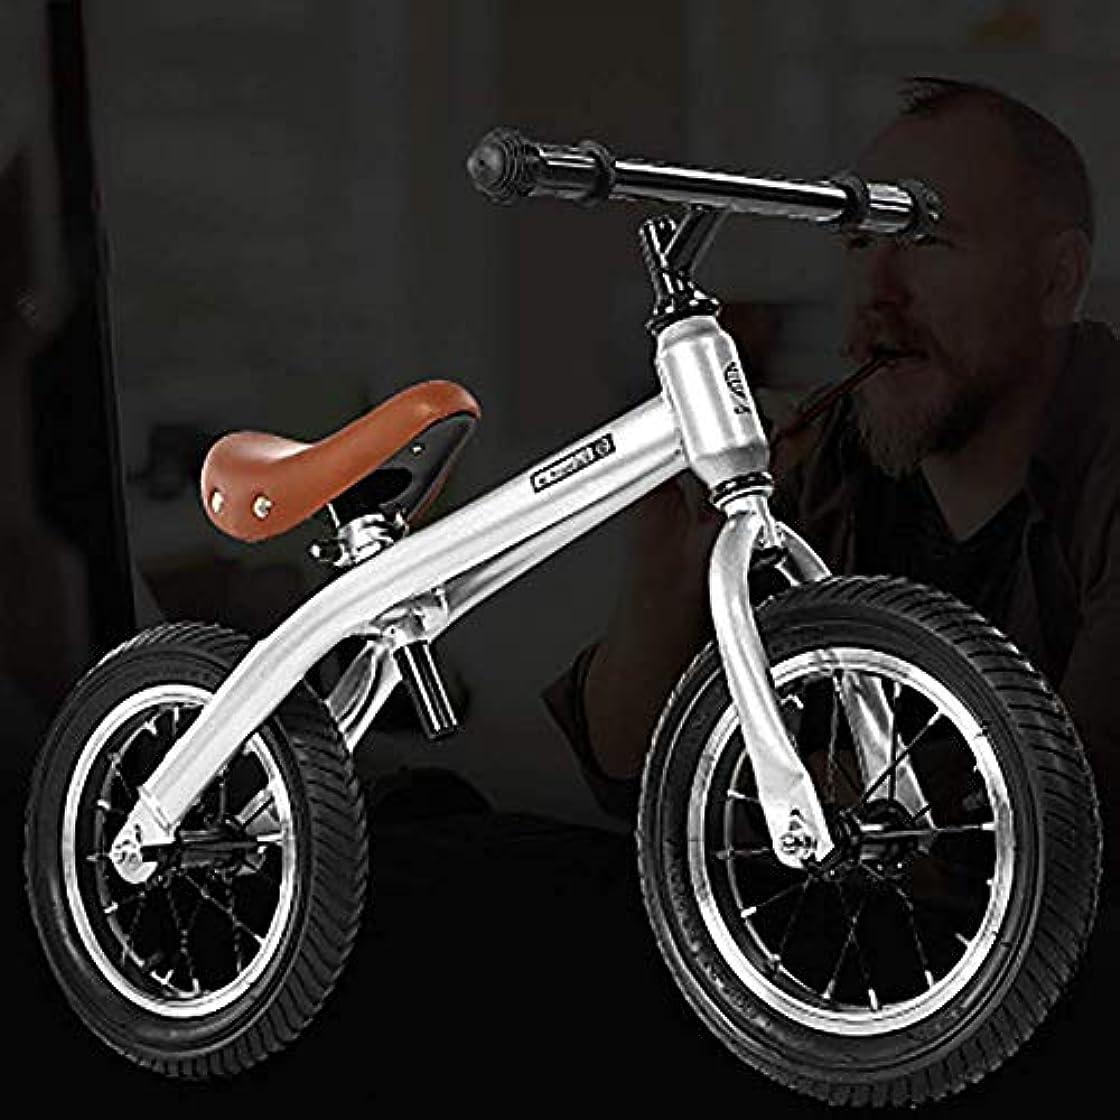 固有の汚染するボイラーNfudishpu 12 '男の子用バランスバイク、ペダルなしバランスバイク、軽量アジャスタブルシートウォーキング自転車、子供向け2 3 4 5 6歳